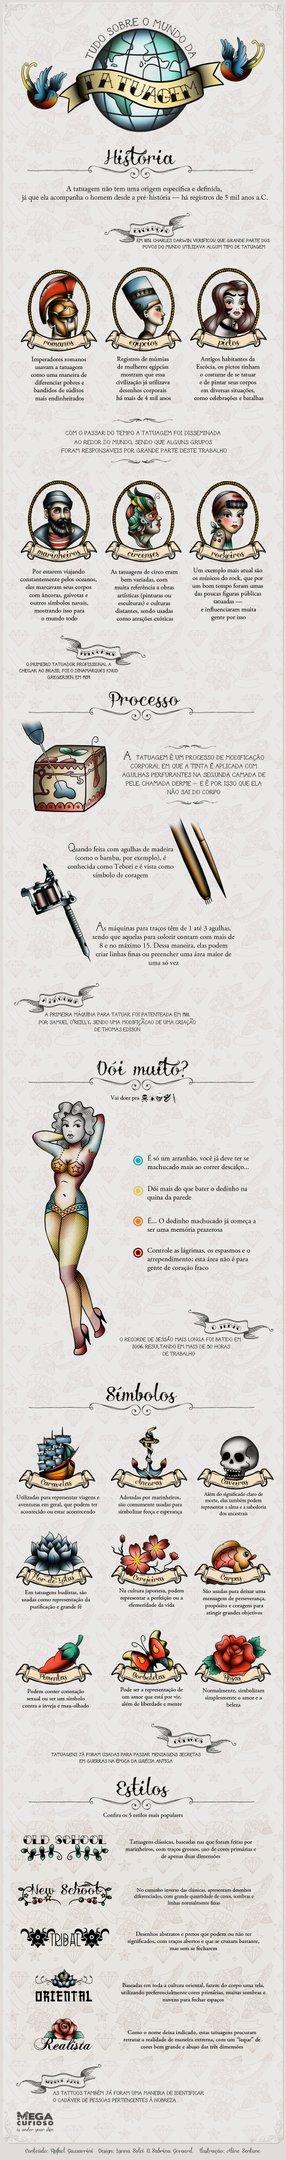 Conheça mais sobre o grande mundo da tatuagem [infográfico]